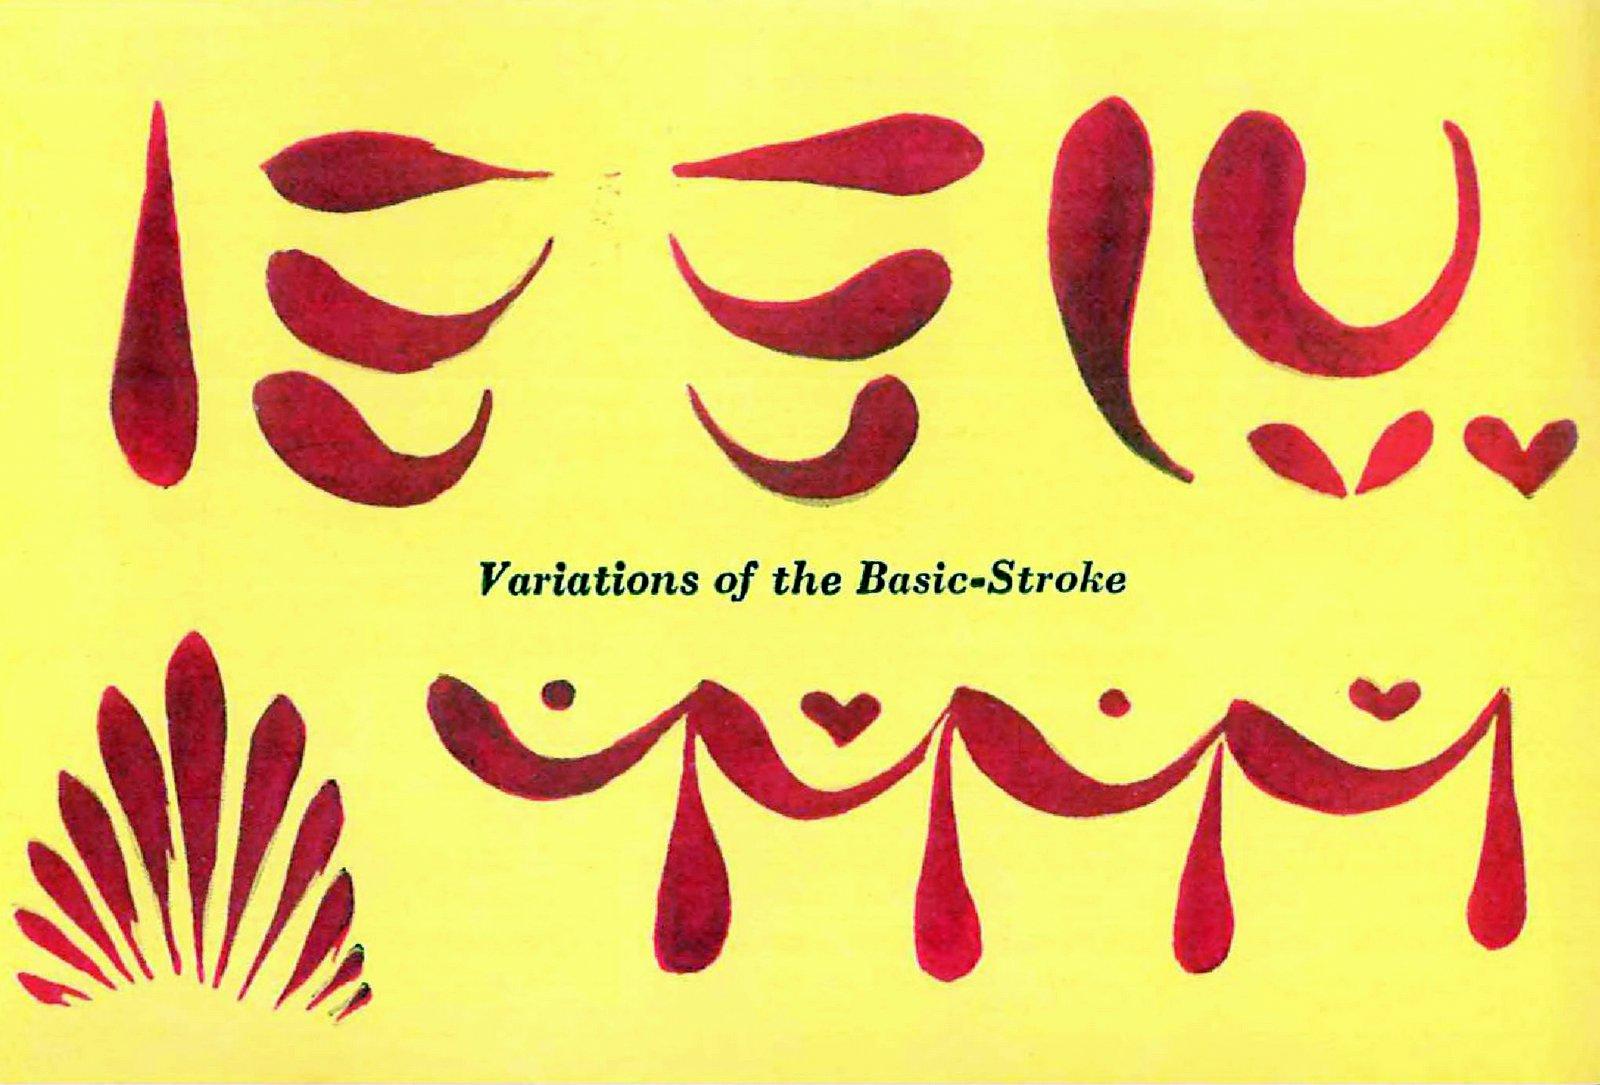 Folk-art painting tips - Variations of the basic-stroke